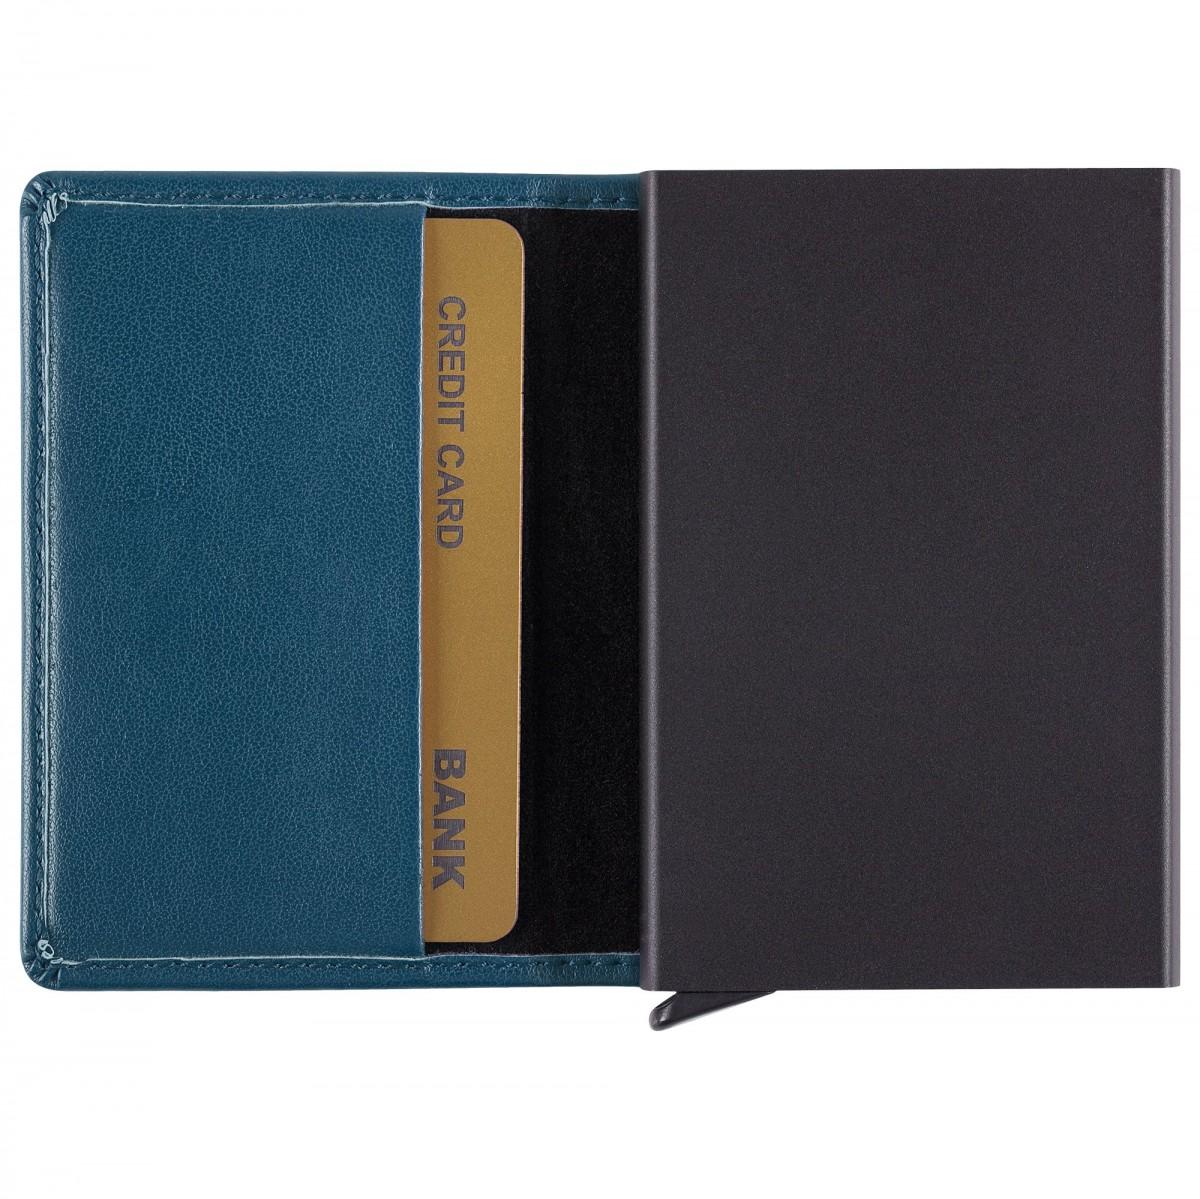 Футляр для кредитных карт Stroll, синий